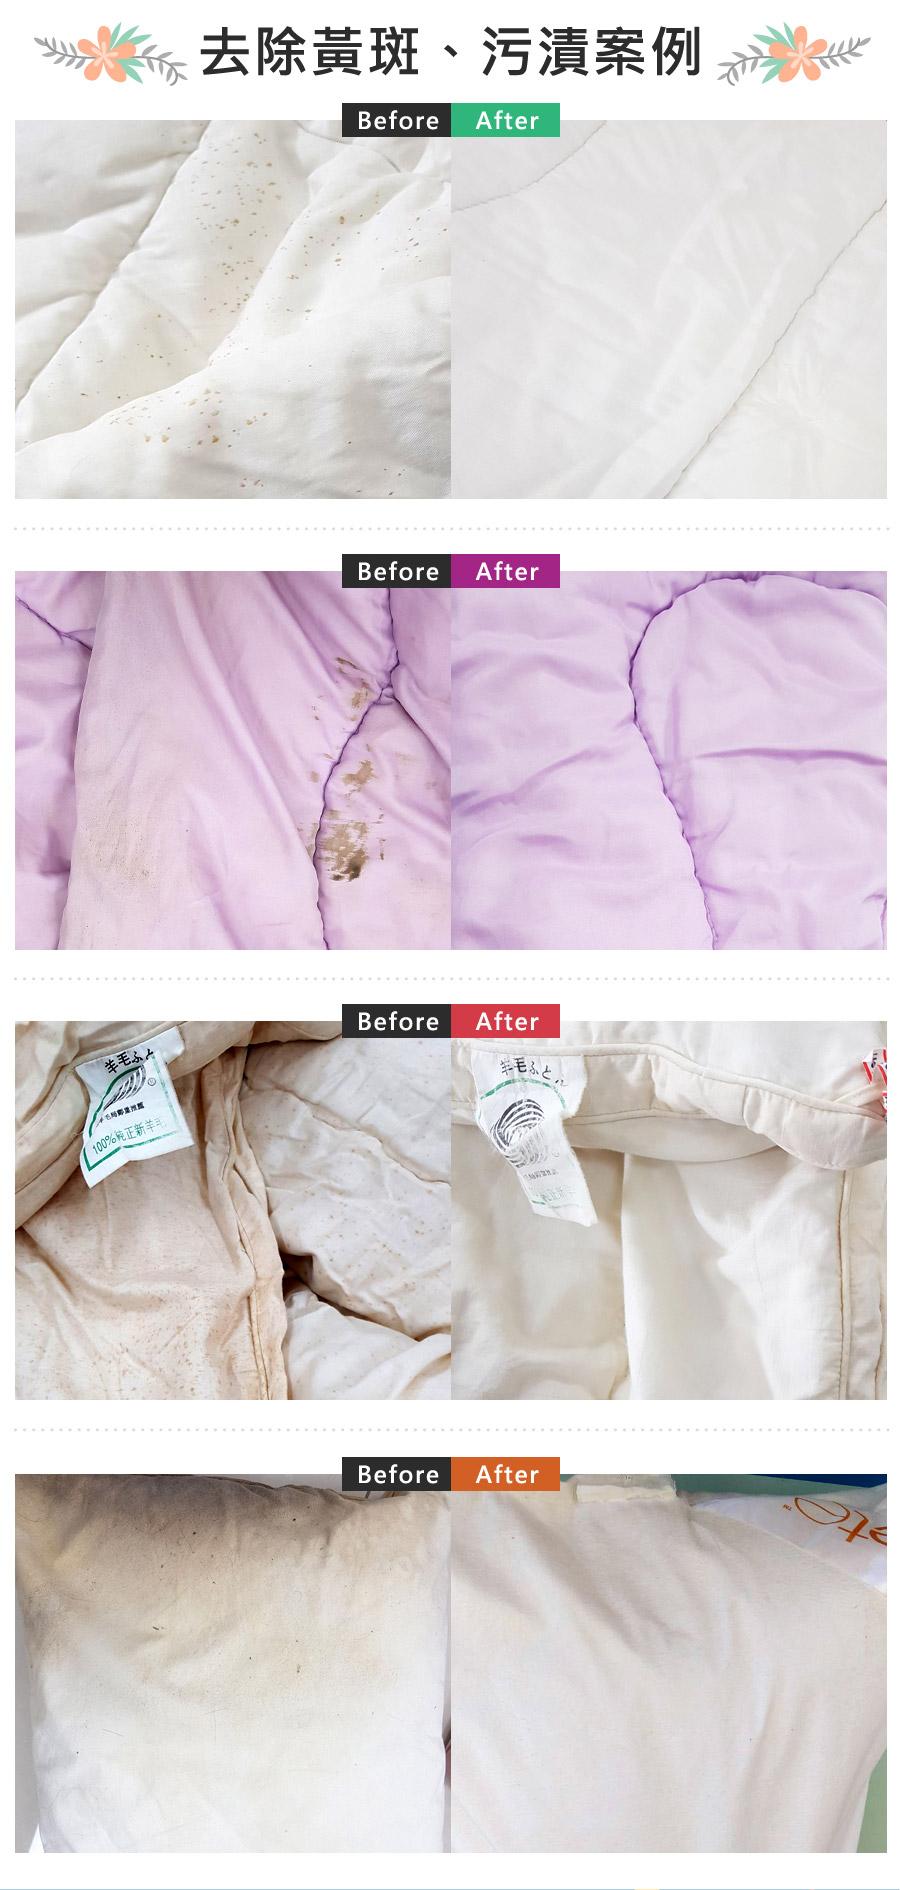 棉被特殊清潔.jpg